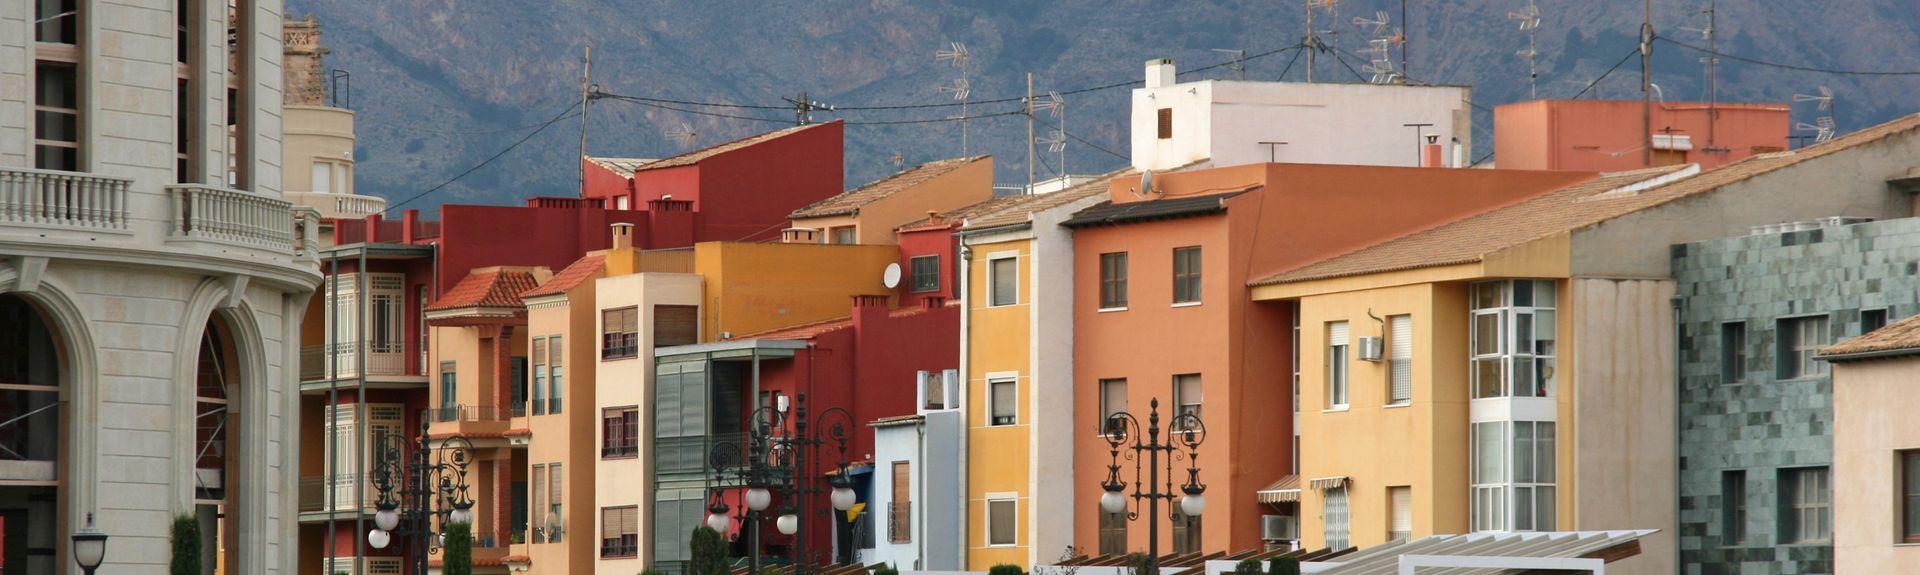 Orihuela, Valencianische Gemeinschaft, Spanien